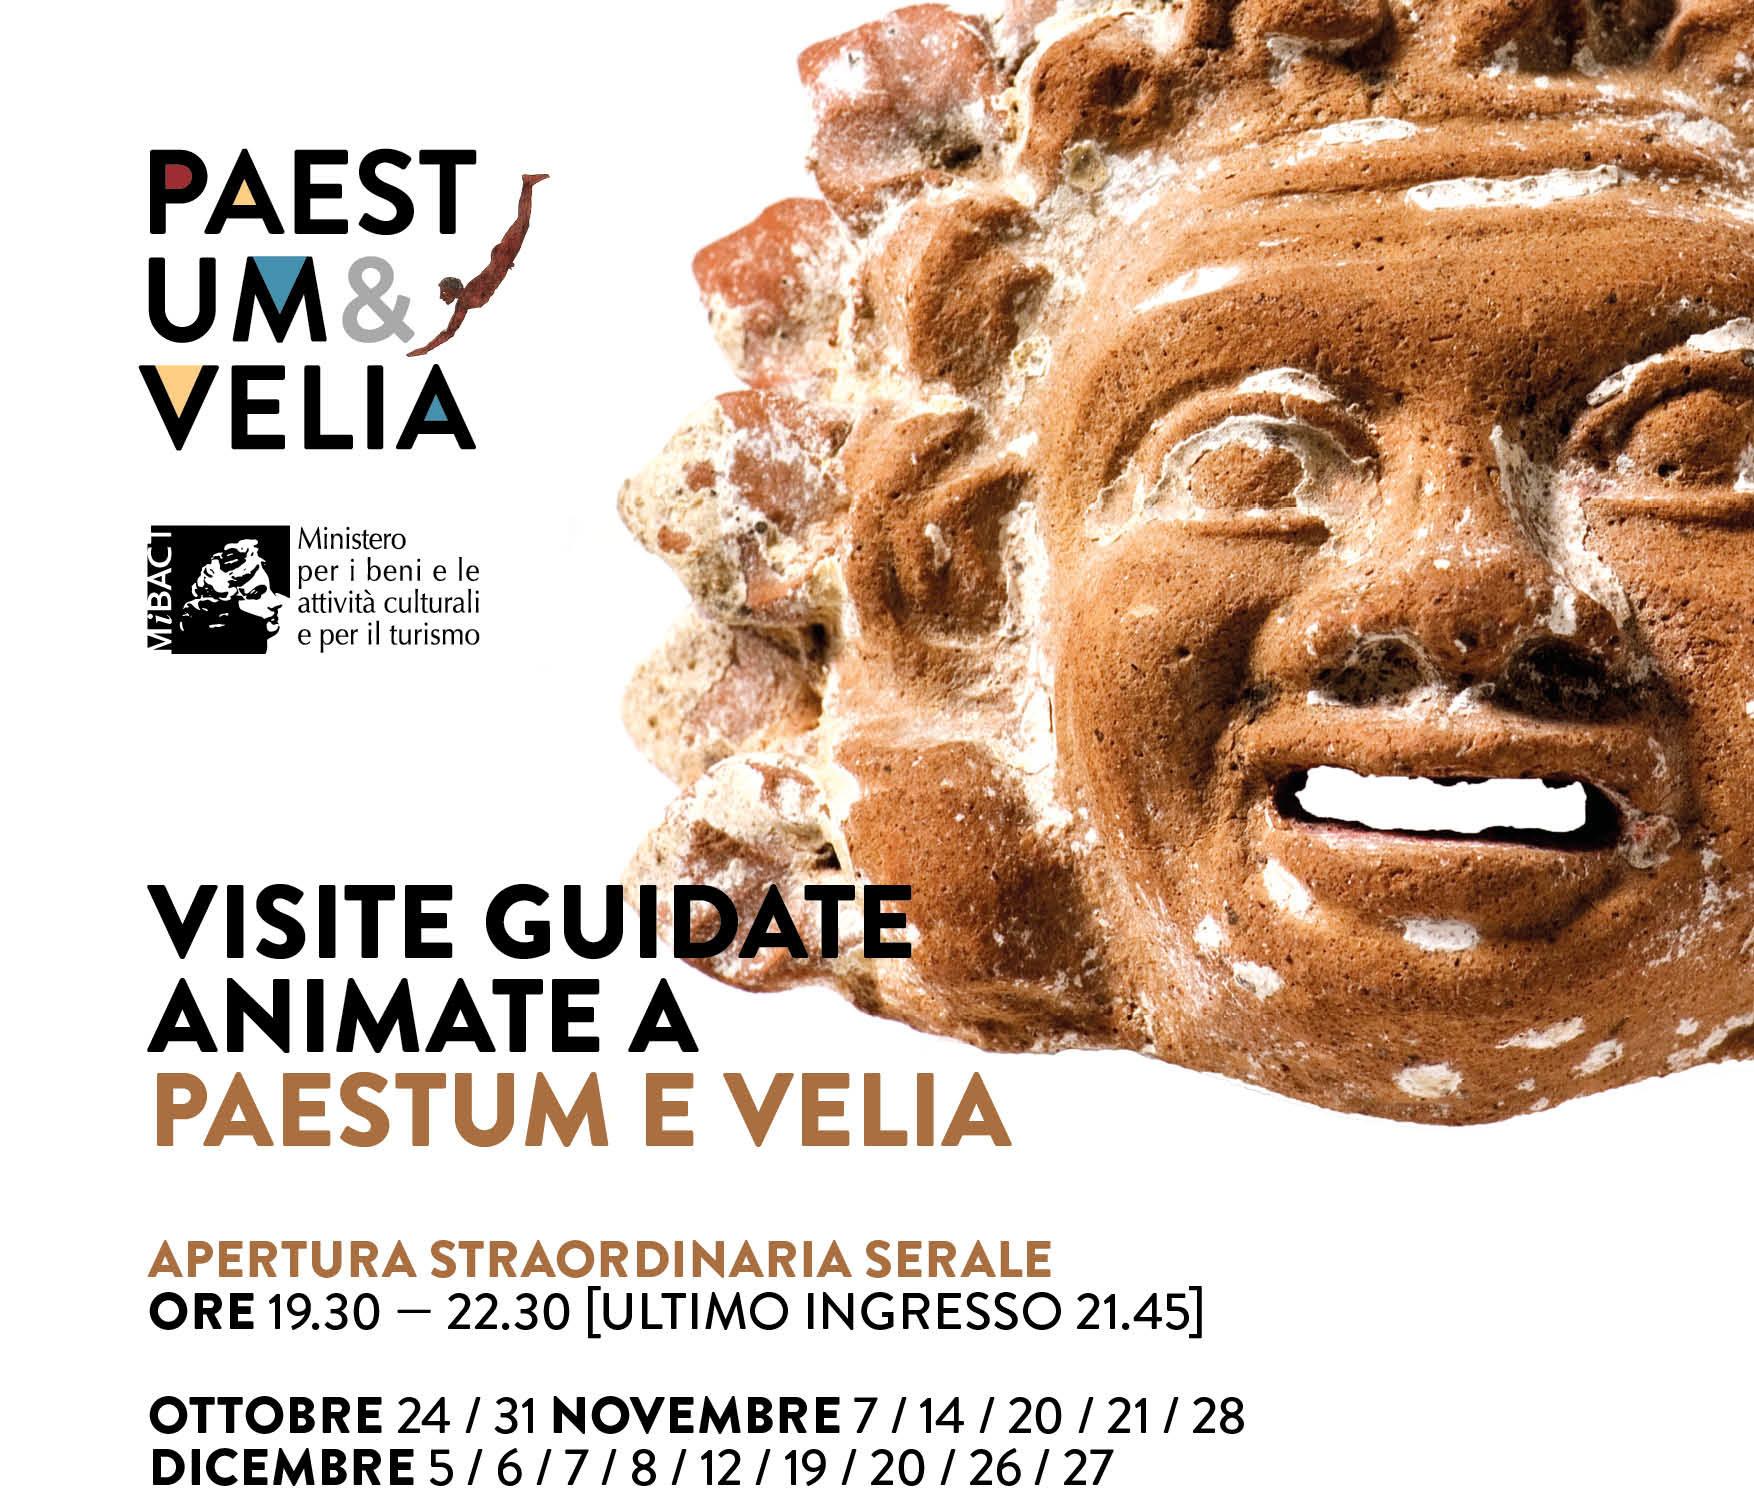 Paestum e Velia: ecco il calendario di aperture e spettacoli serali